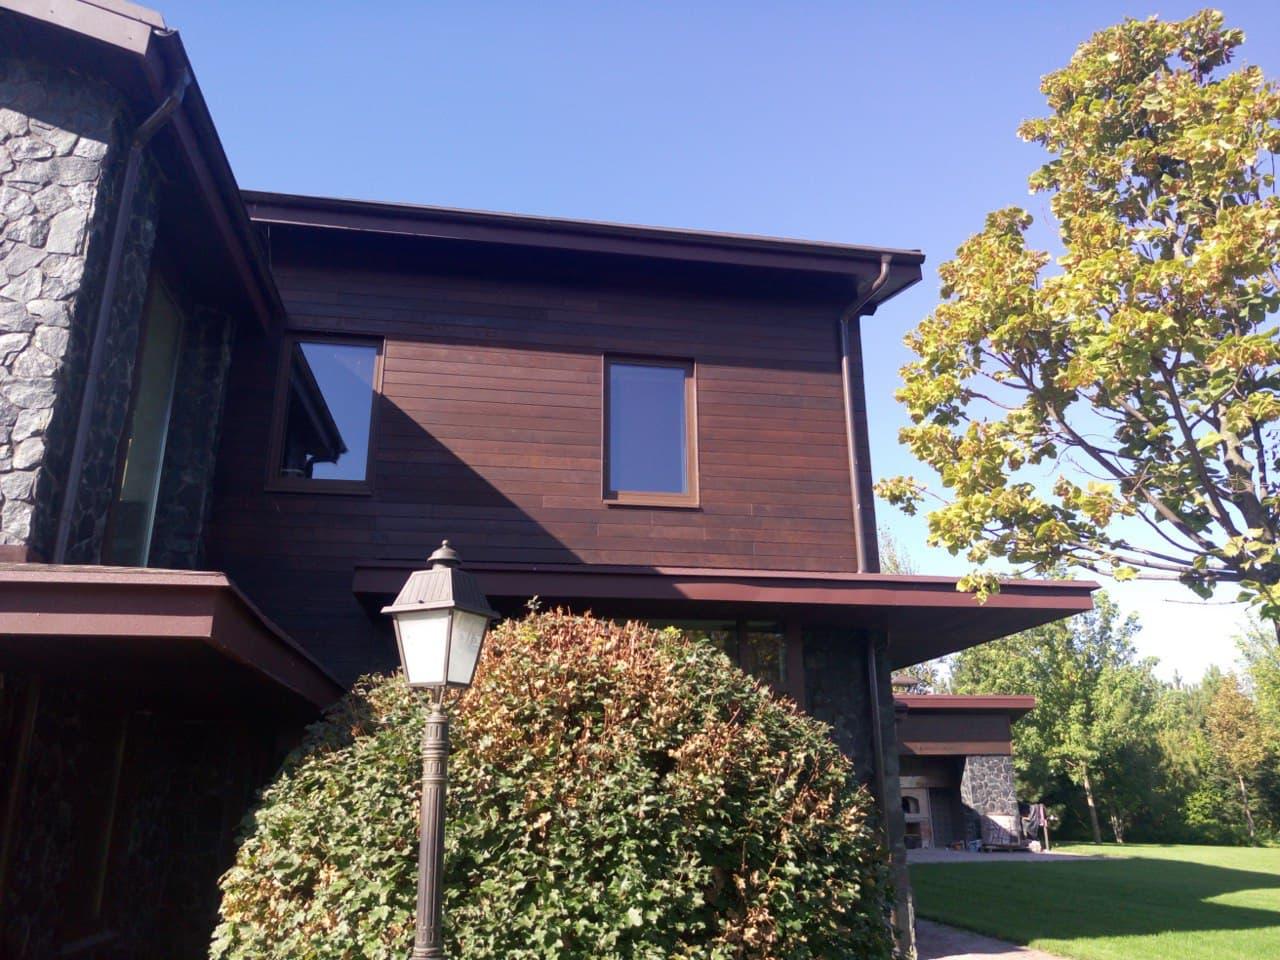 Монтаж фасадов из термодревесины качественно